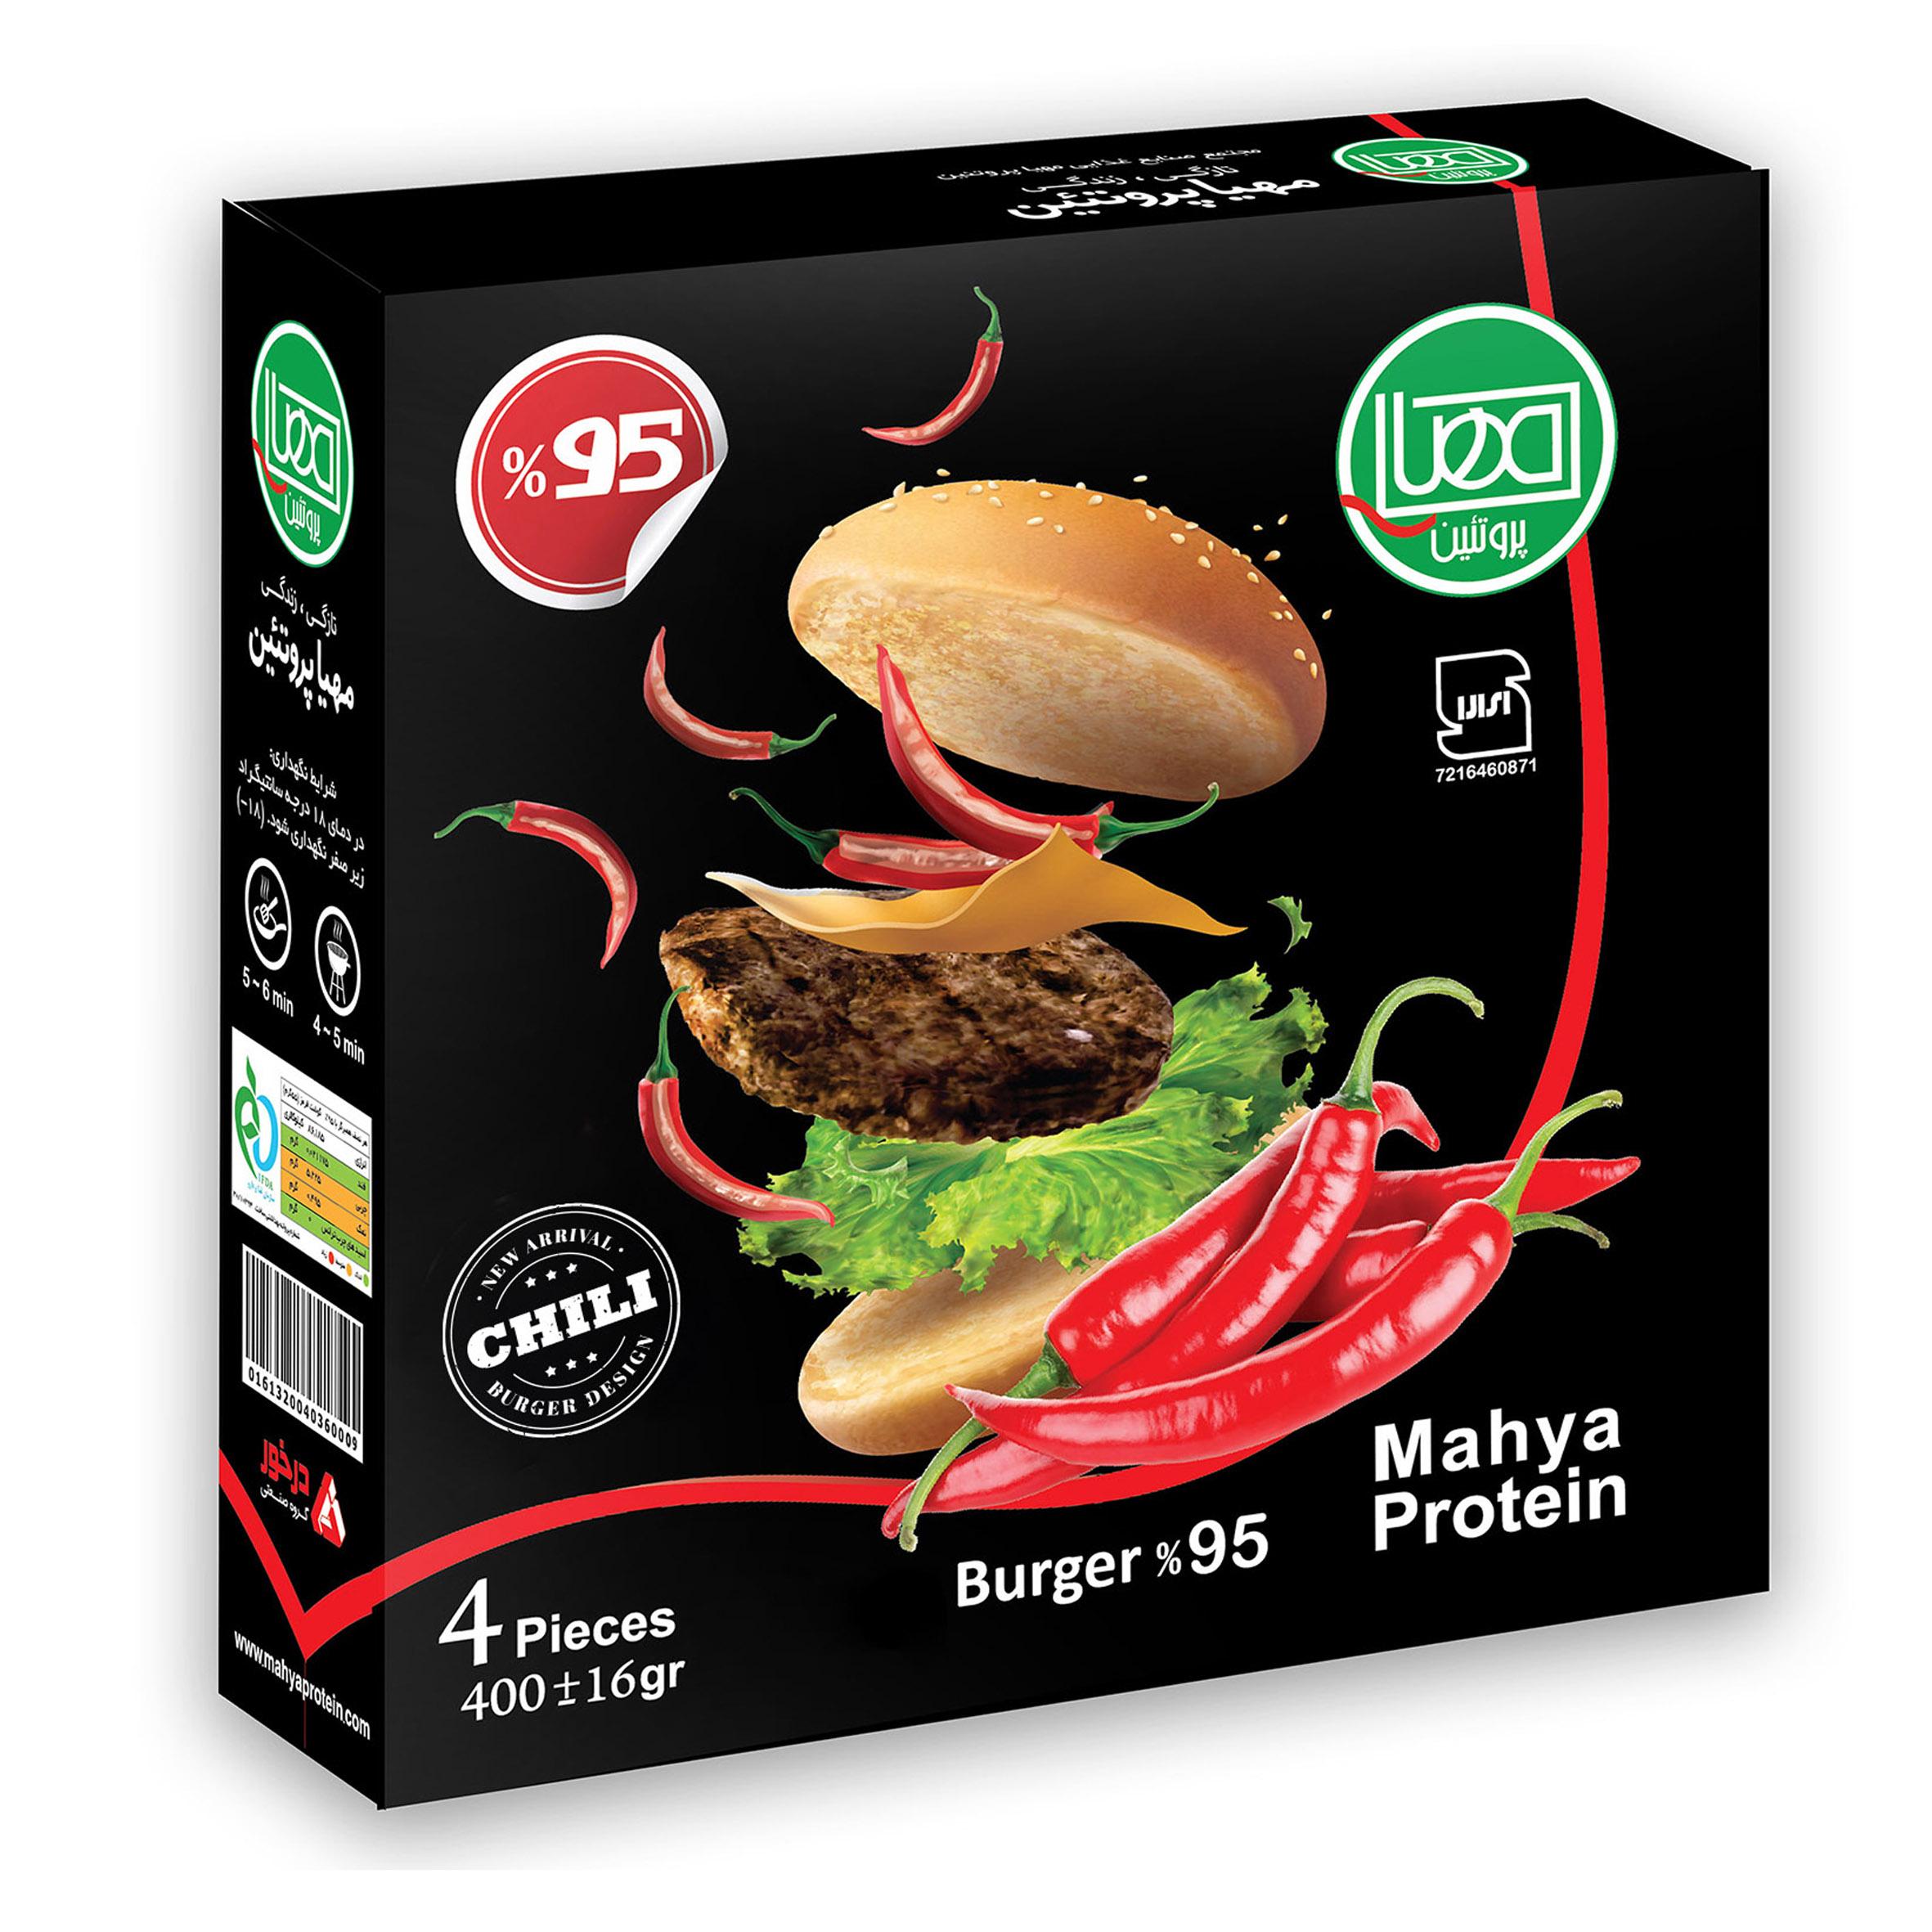 همبرگر چیلی 95 درصد گوشت مهیا پروتئین بسته 4 عددی